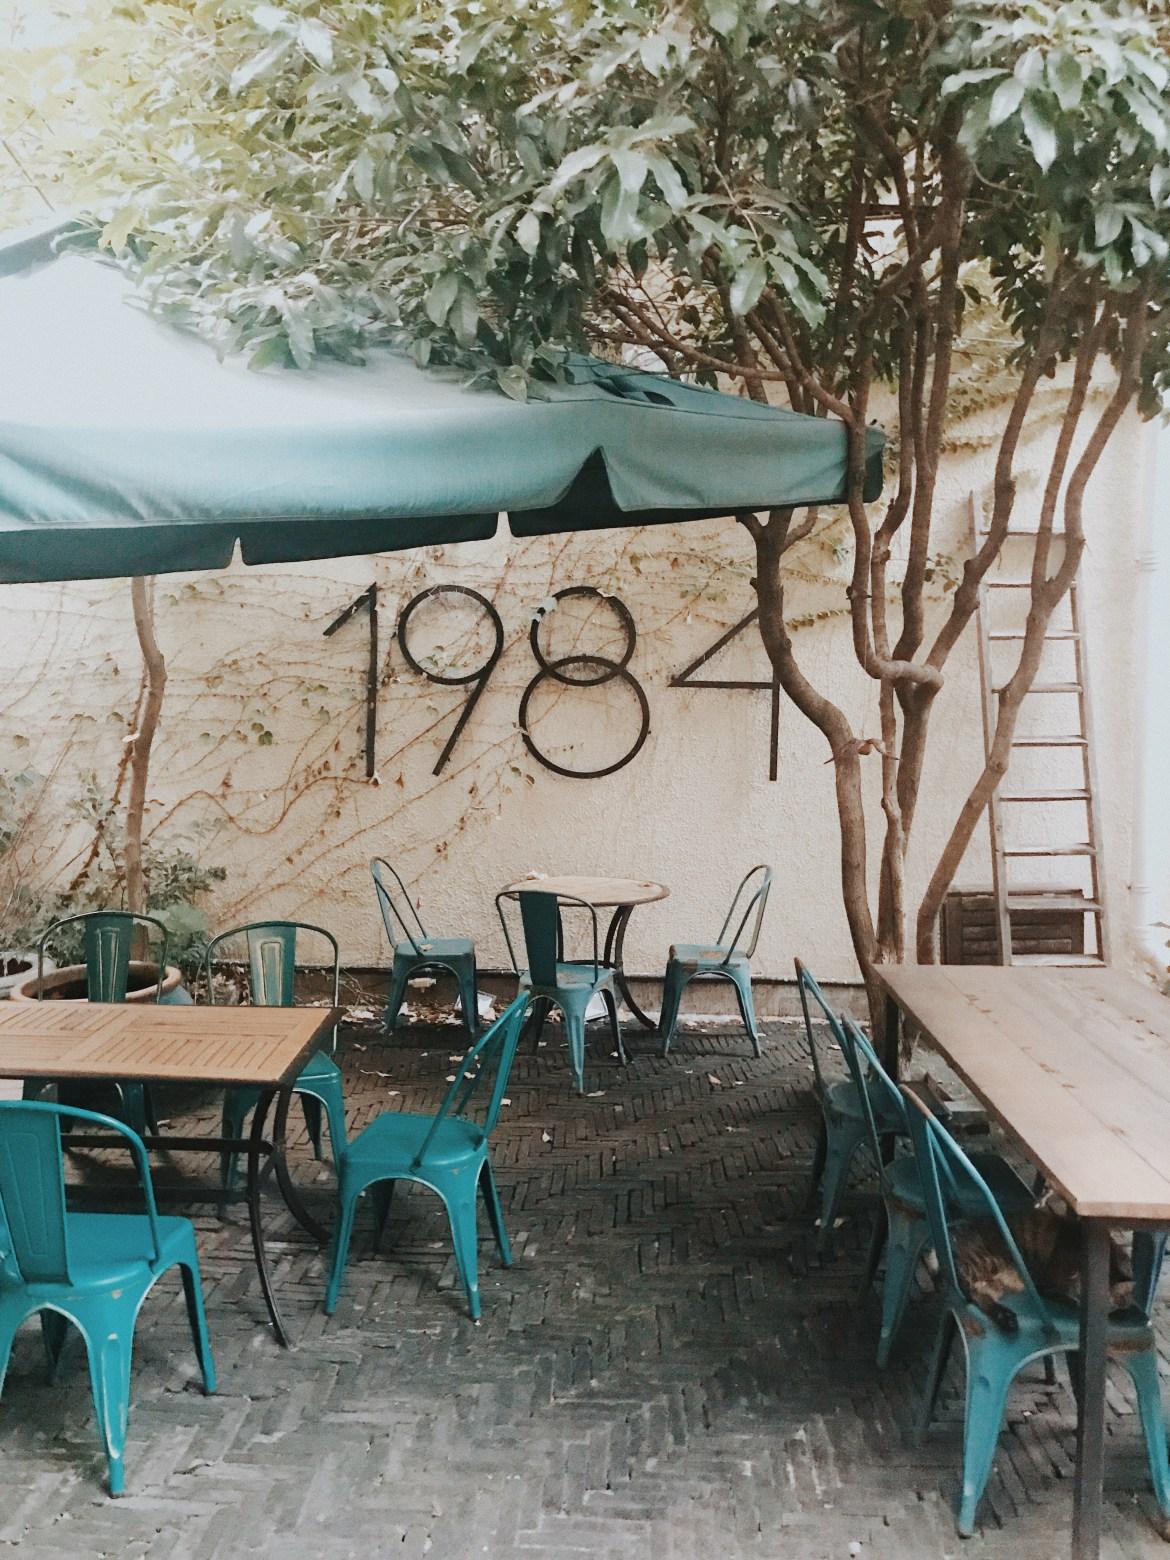 b30def6a 7d71 4661 8ab1 4e1cc278656e - 1984 BOOKSTORE - 扉の奥にある隠れ家ブックカフェ